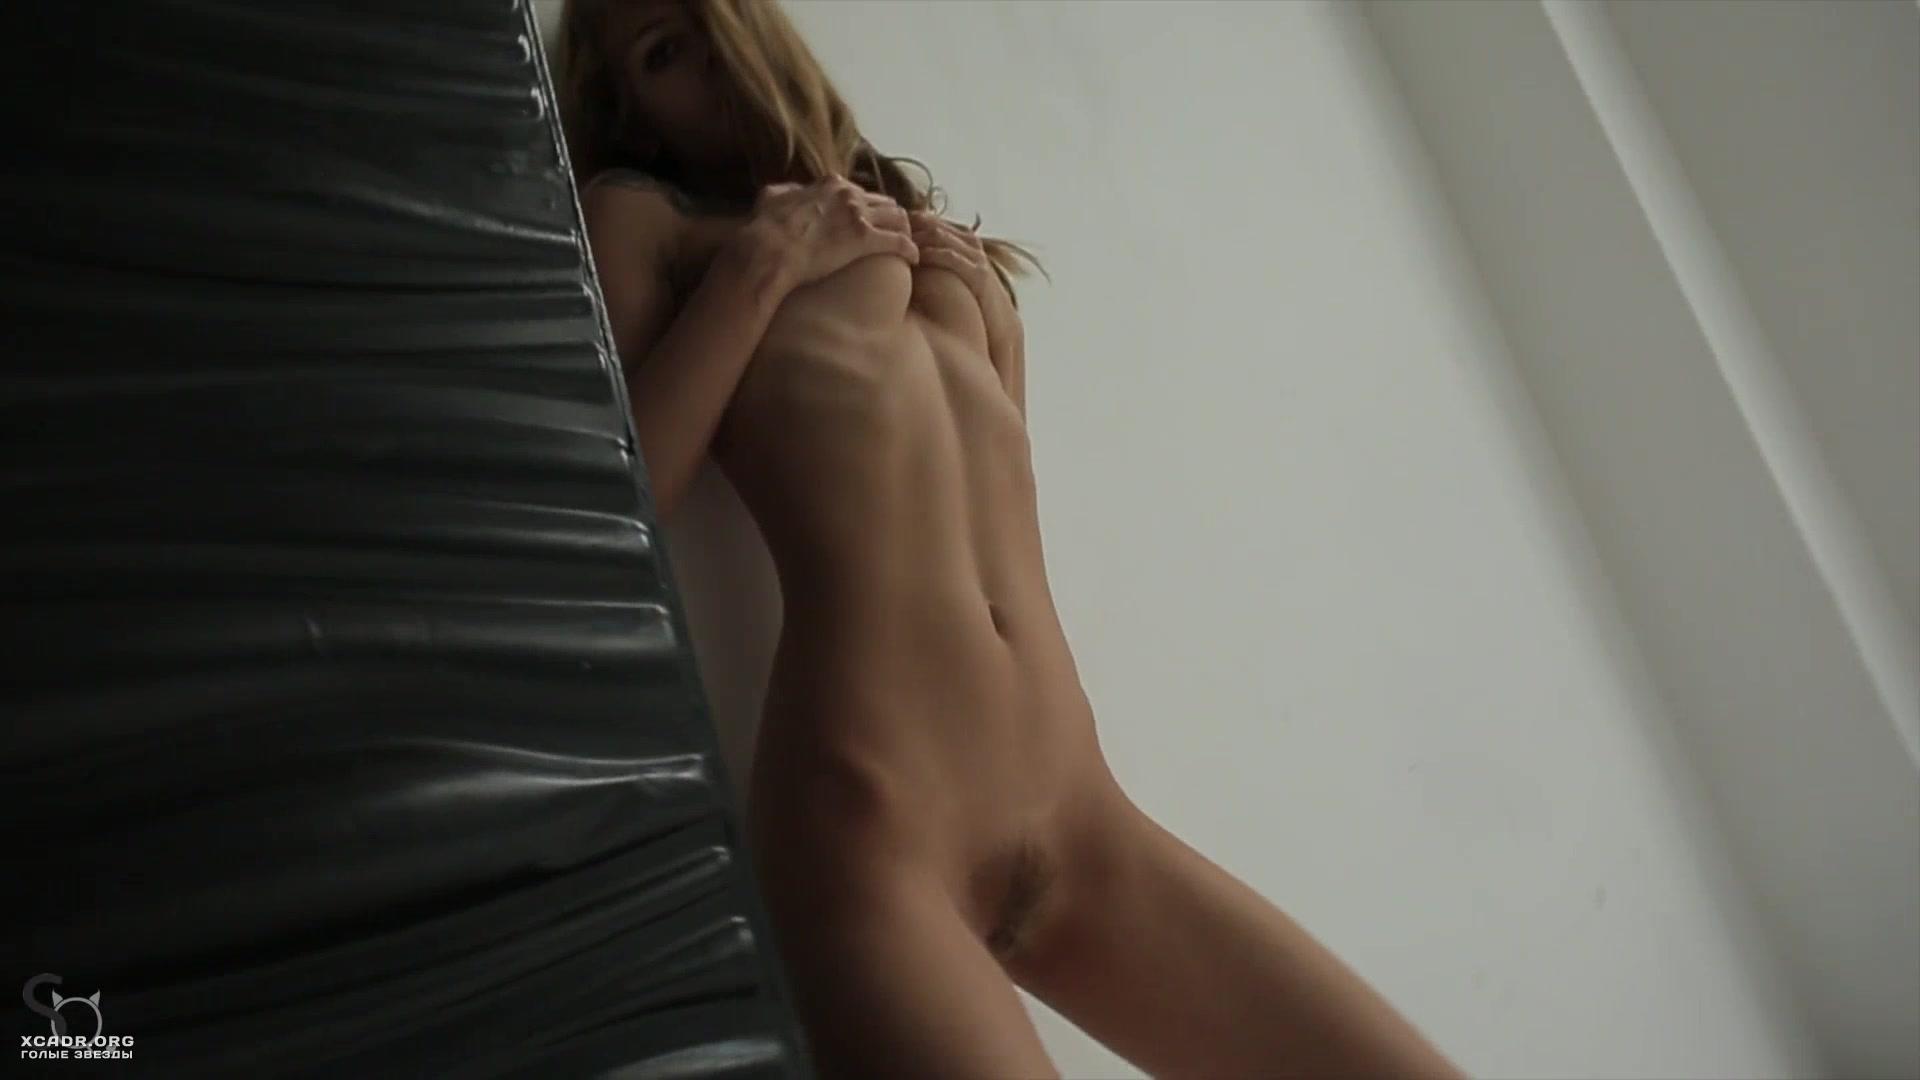 Эротический видео анастасия заварухина актриса, домашняя видео подглядывать за девушками